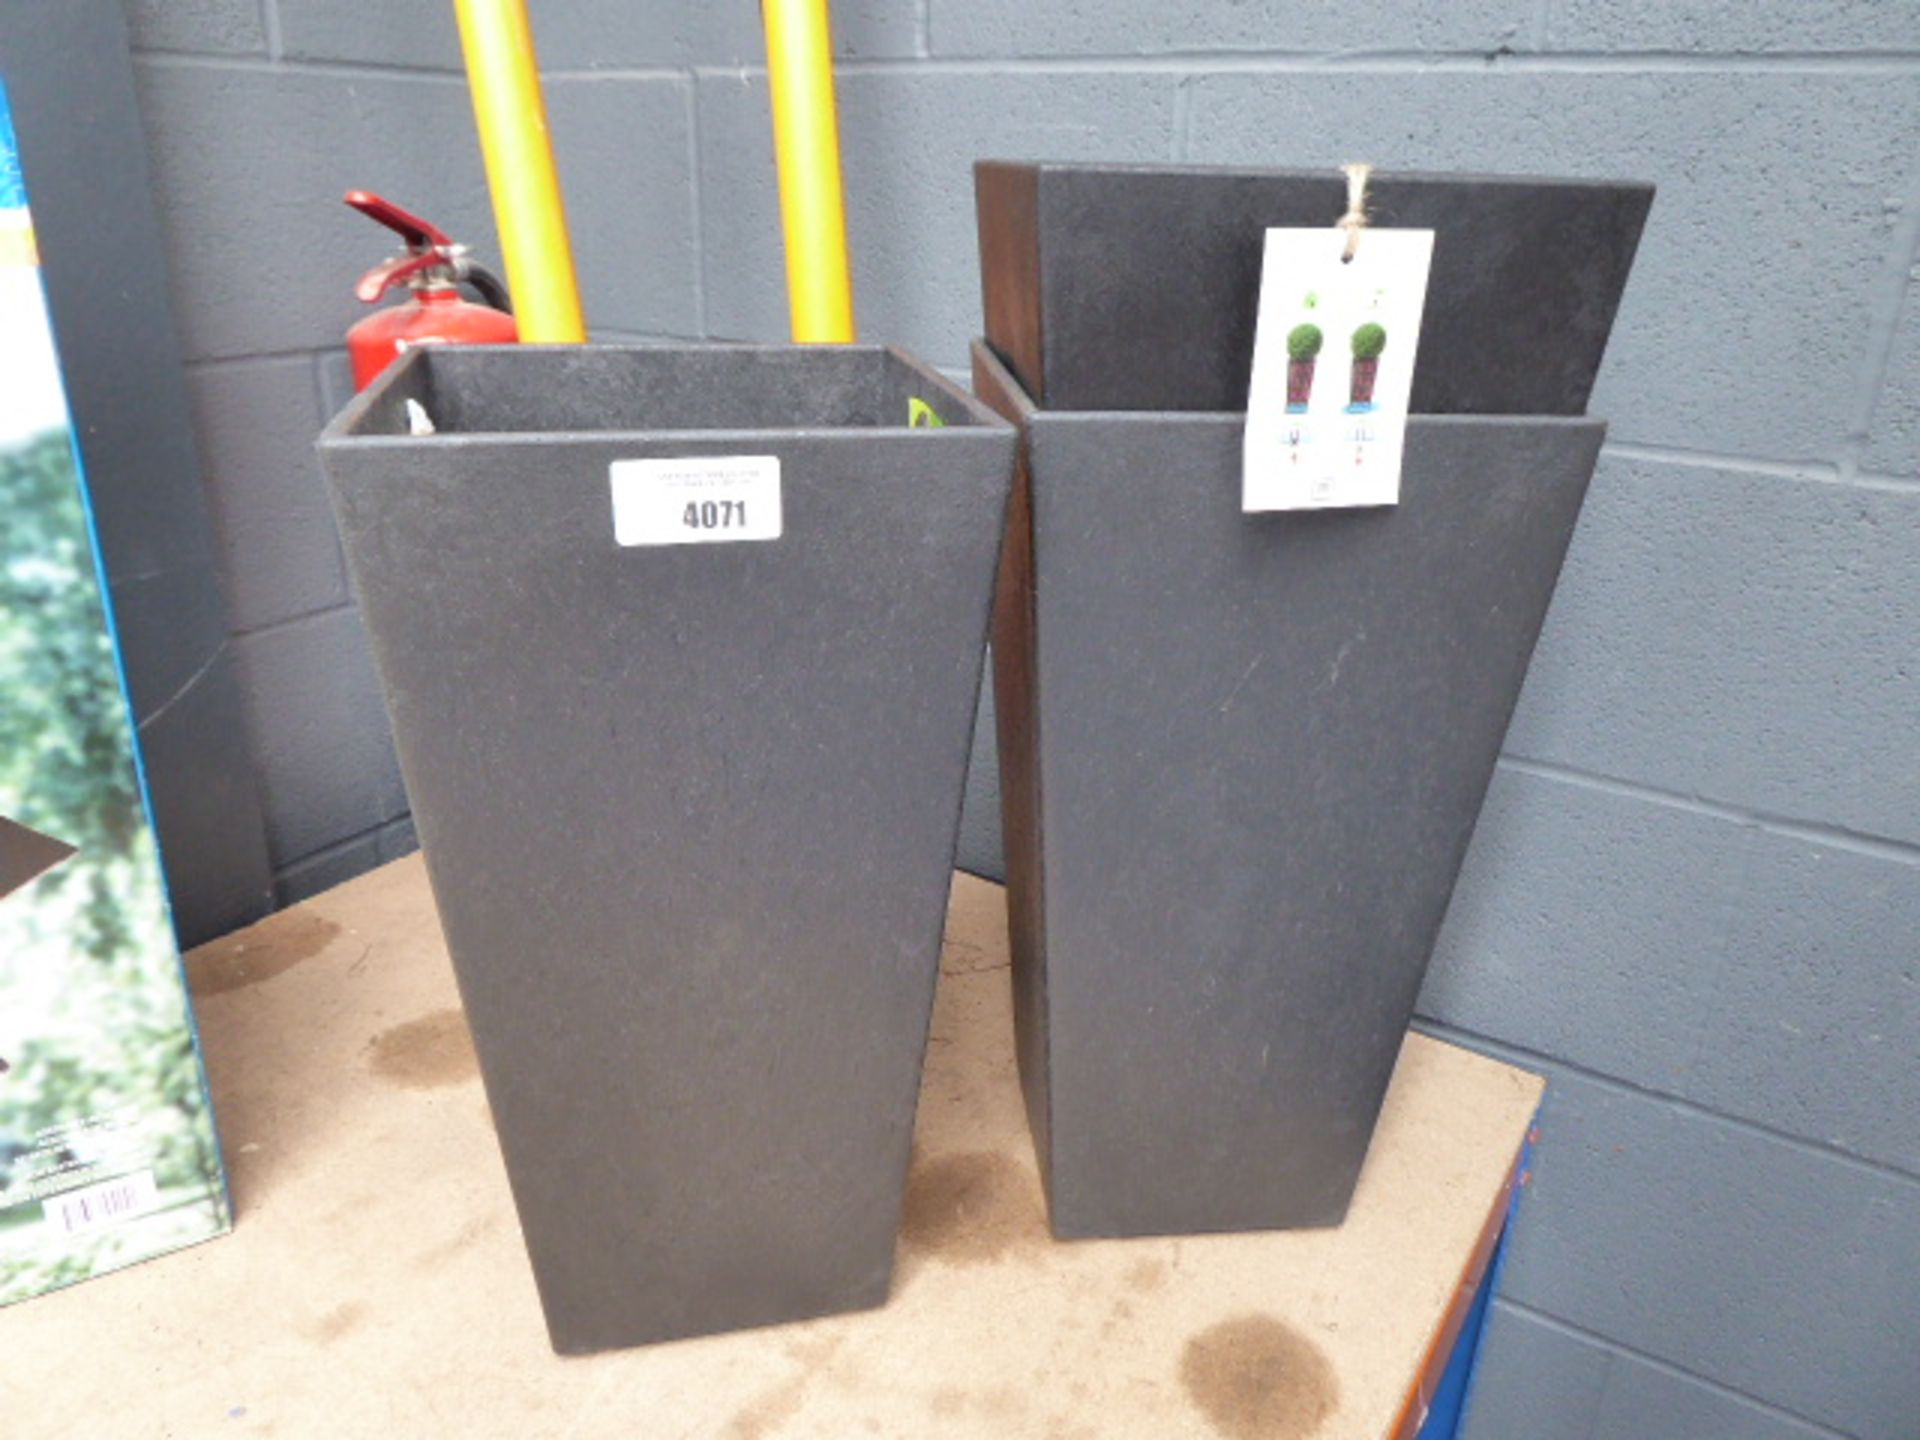 Lot 4071 - 3 rubberized tall pots